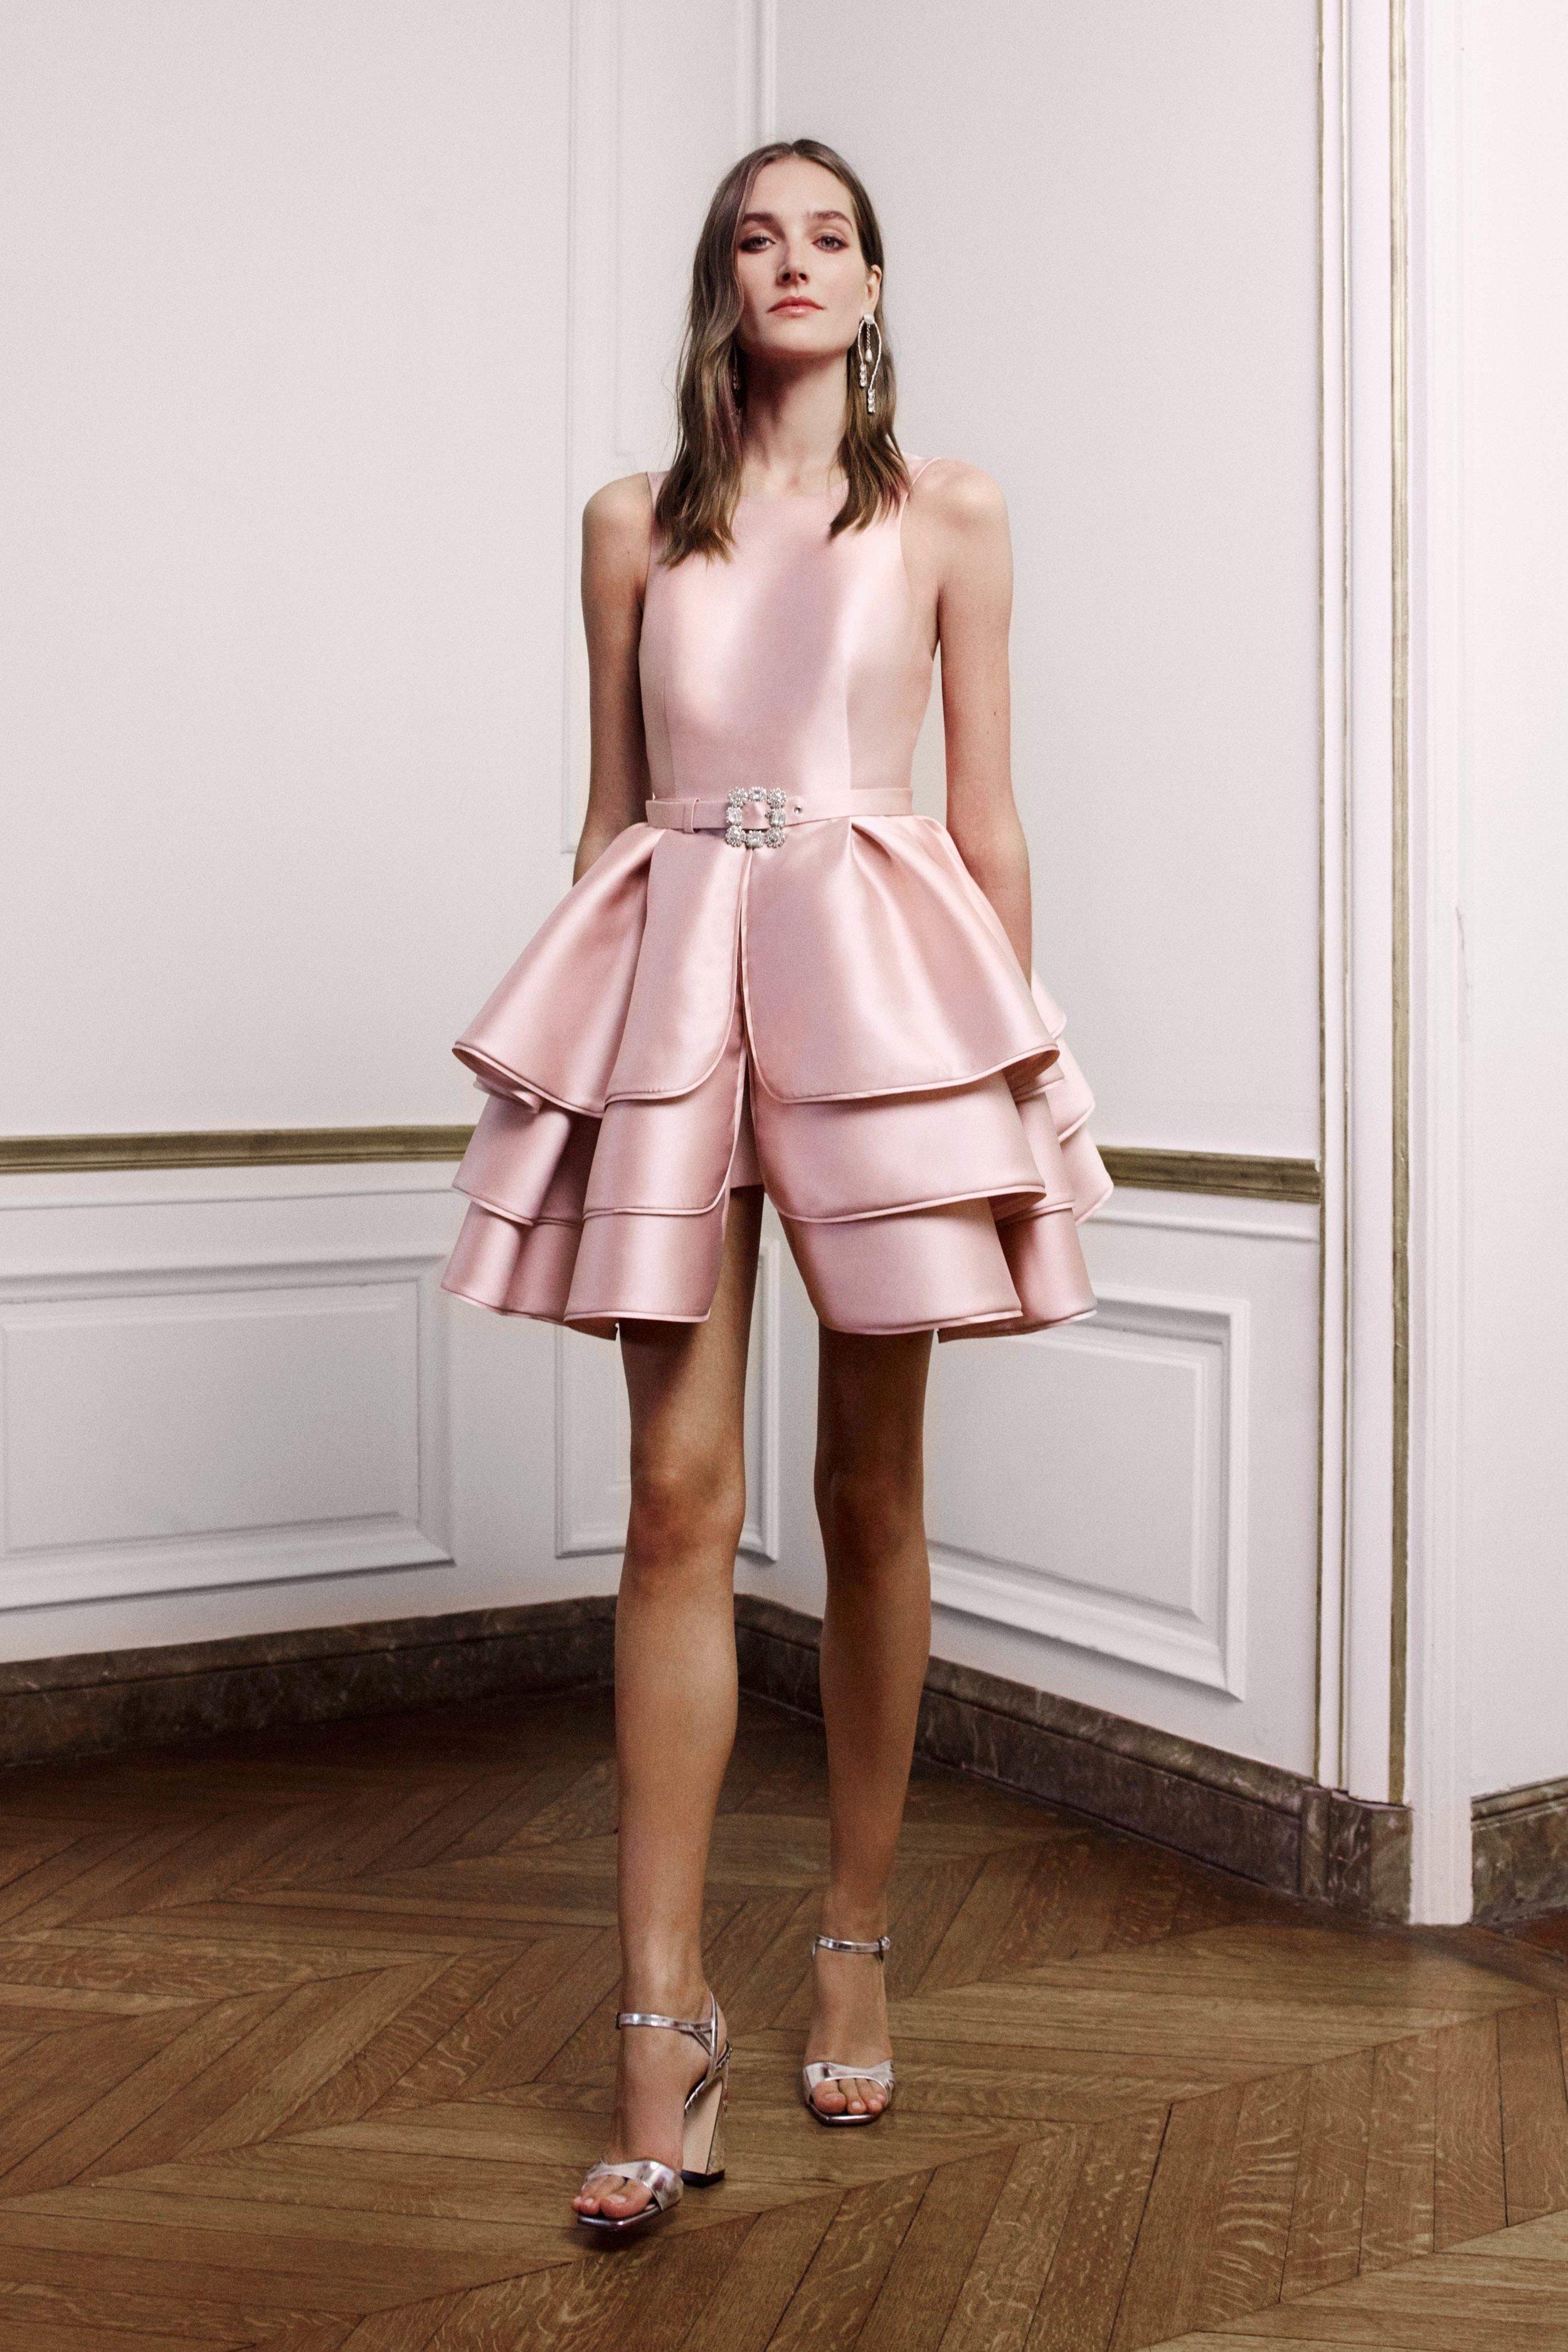 00010-alberta-ferreti-paris-couture-spring-19.jpg